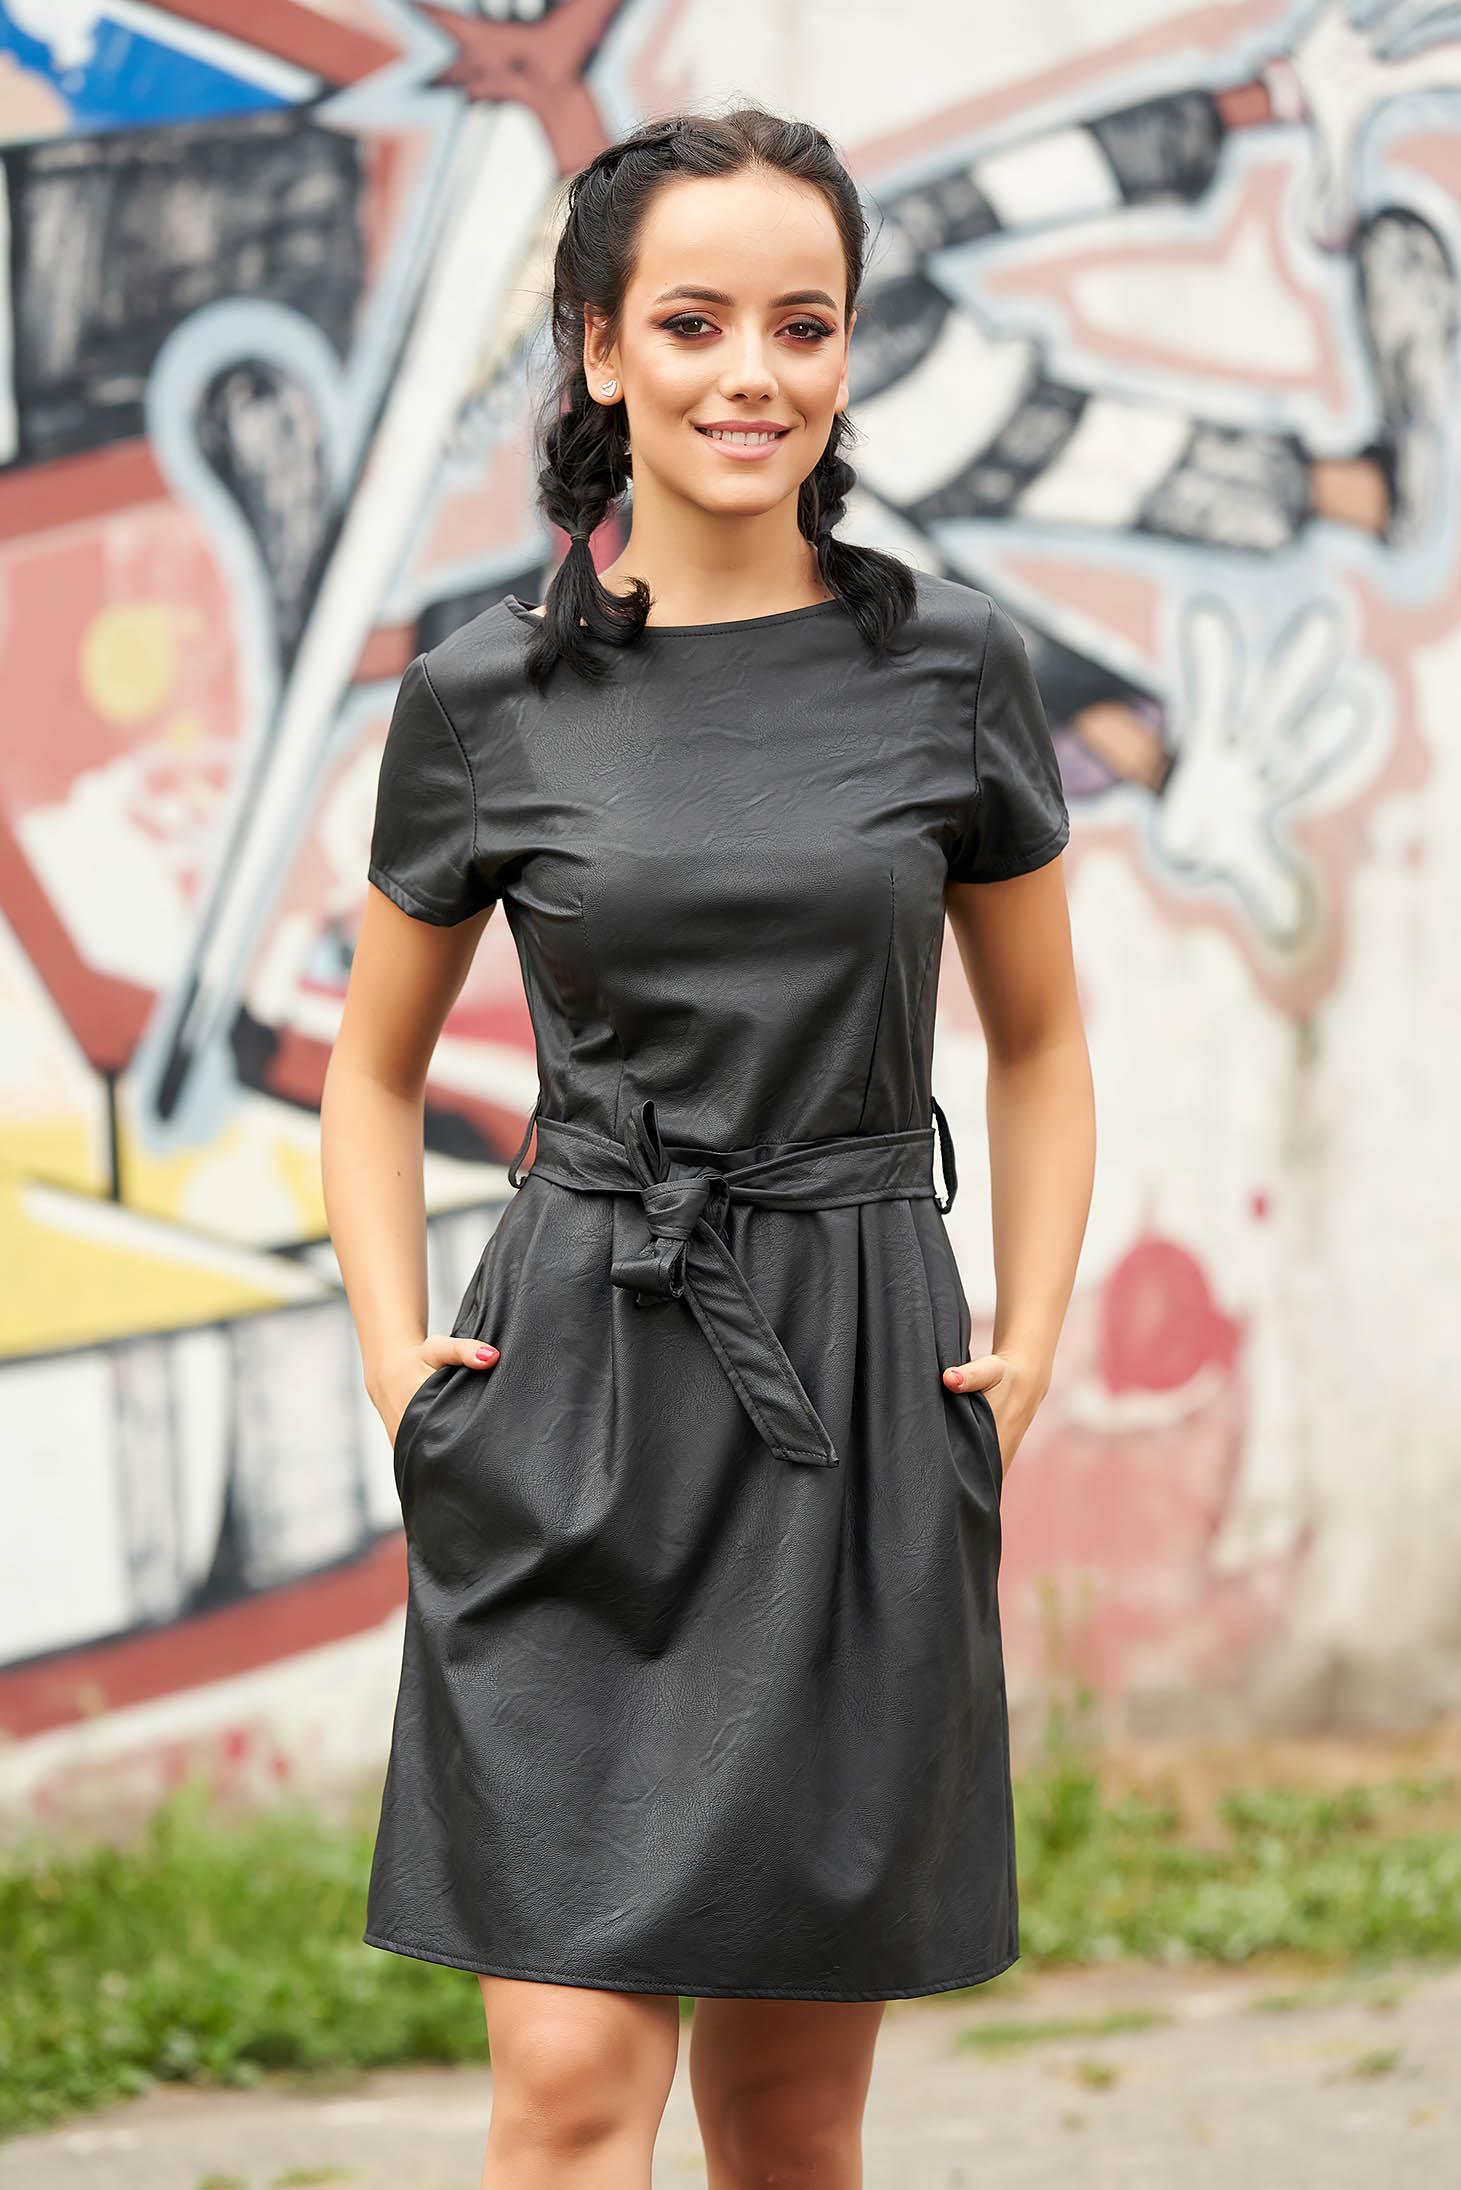 Rochie SunShine neagra scurta de zi in clos din piele ecologica cu buzunare si cordon detasabil